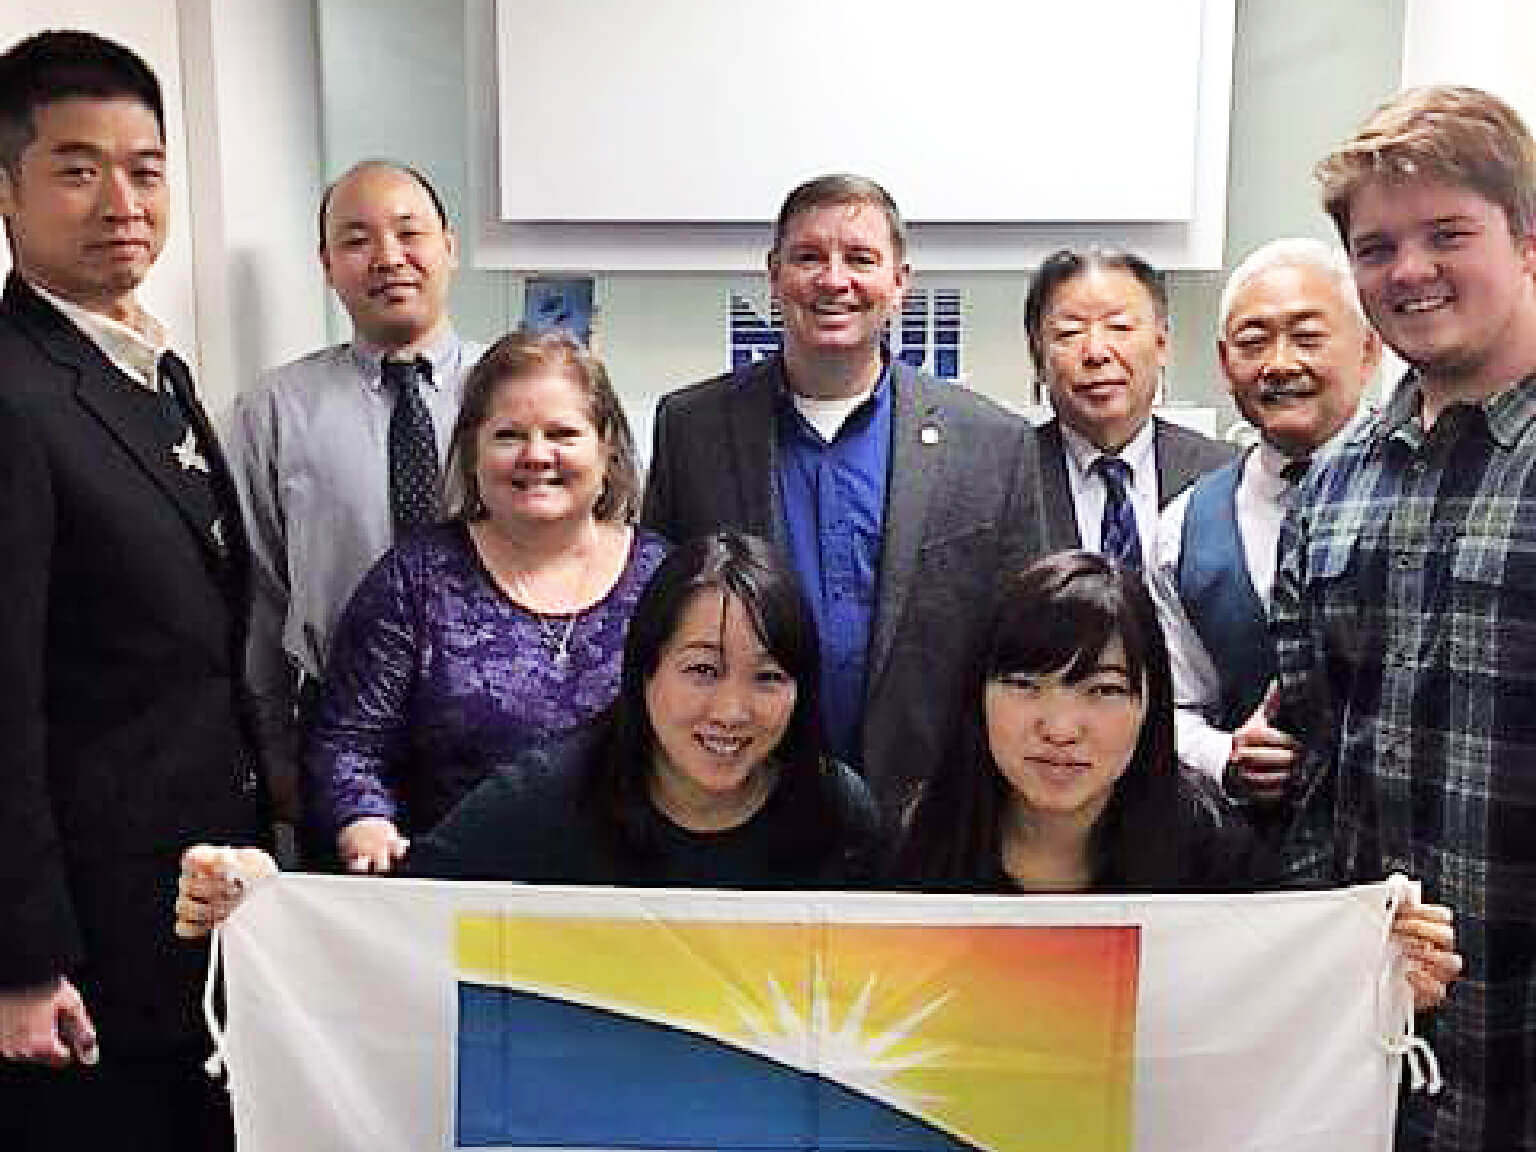 株式会社ナウイエンタープライズ (NAUI JAPAN)